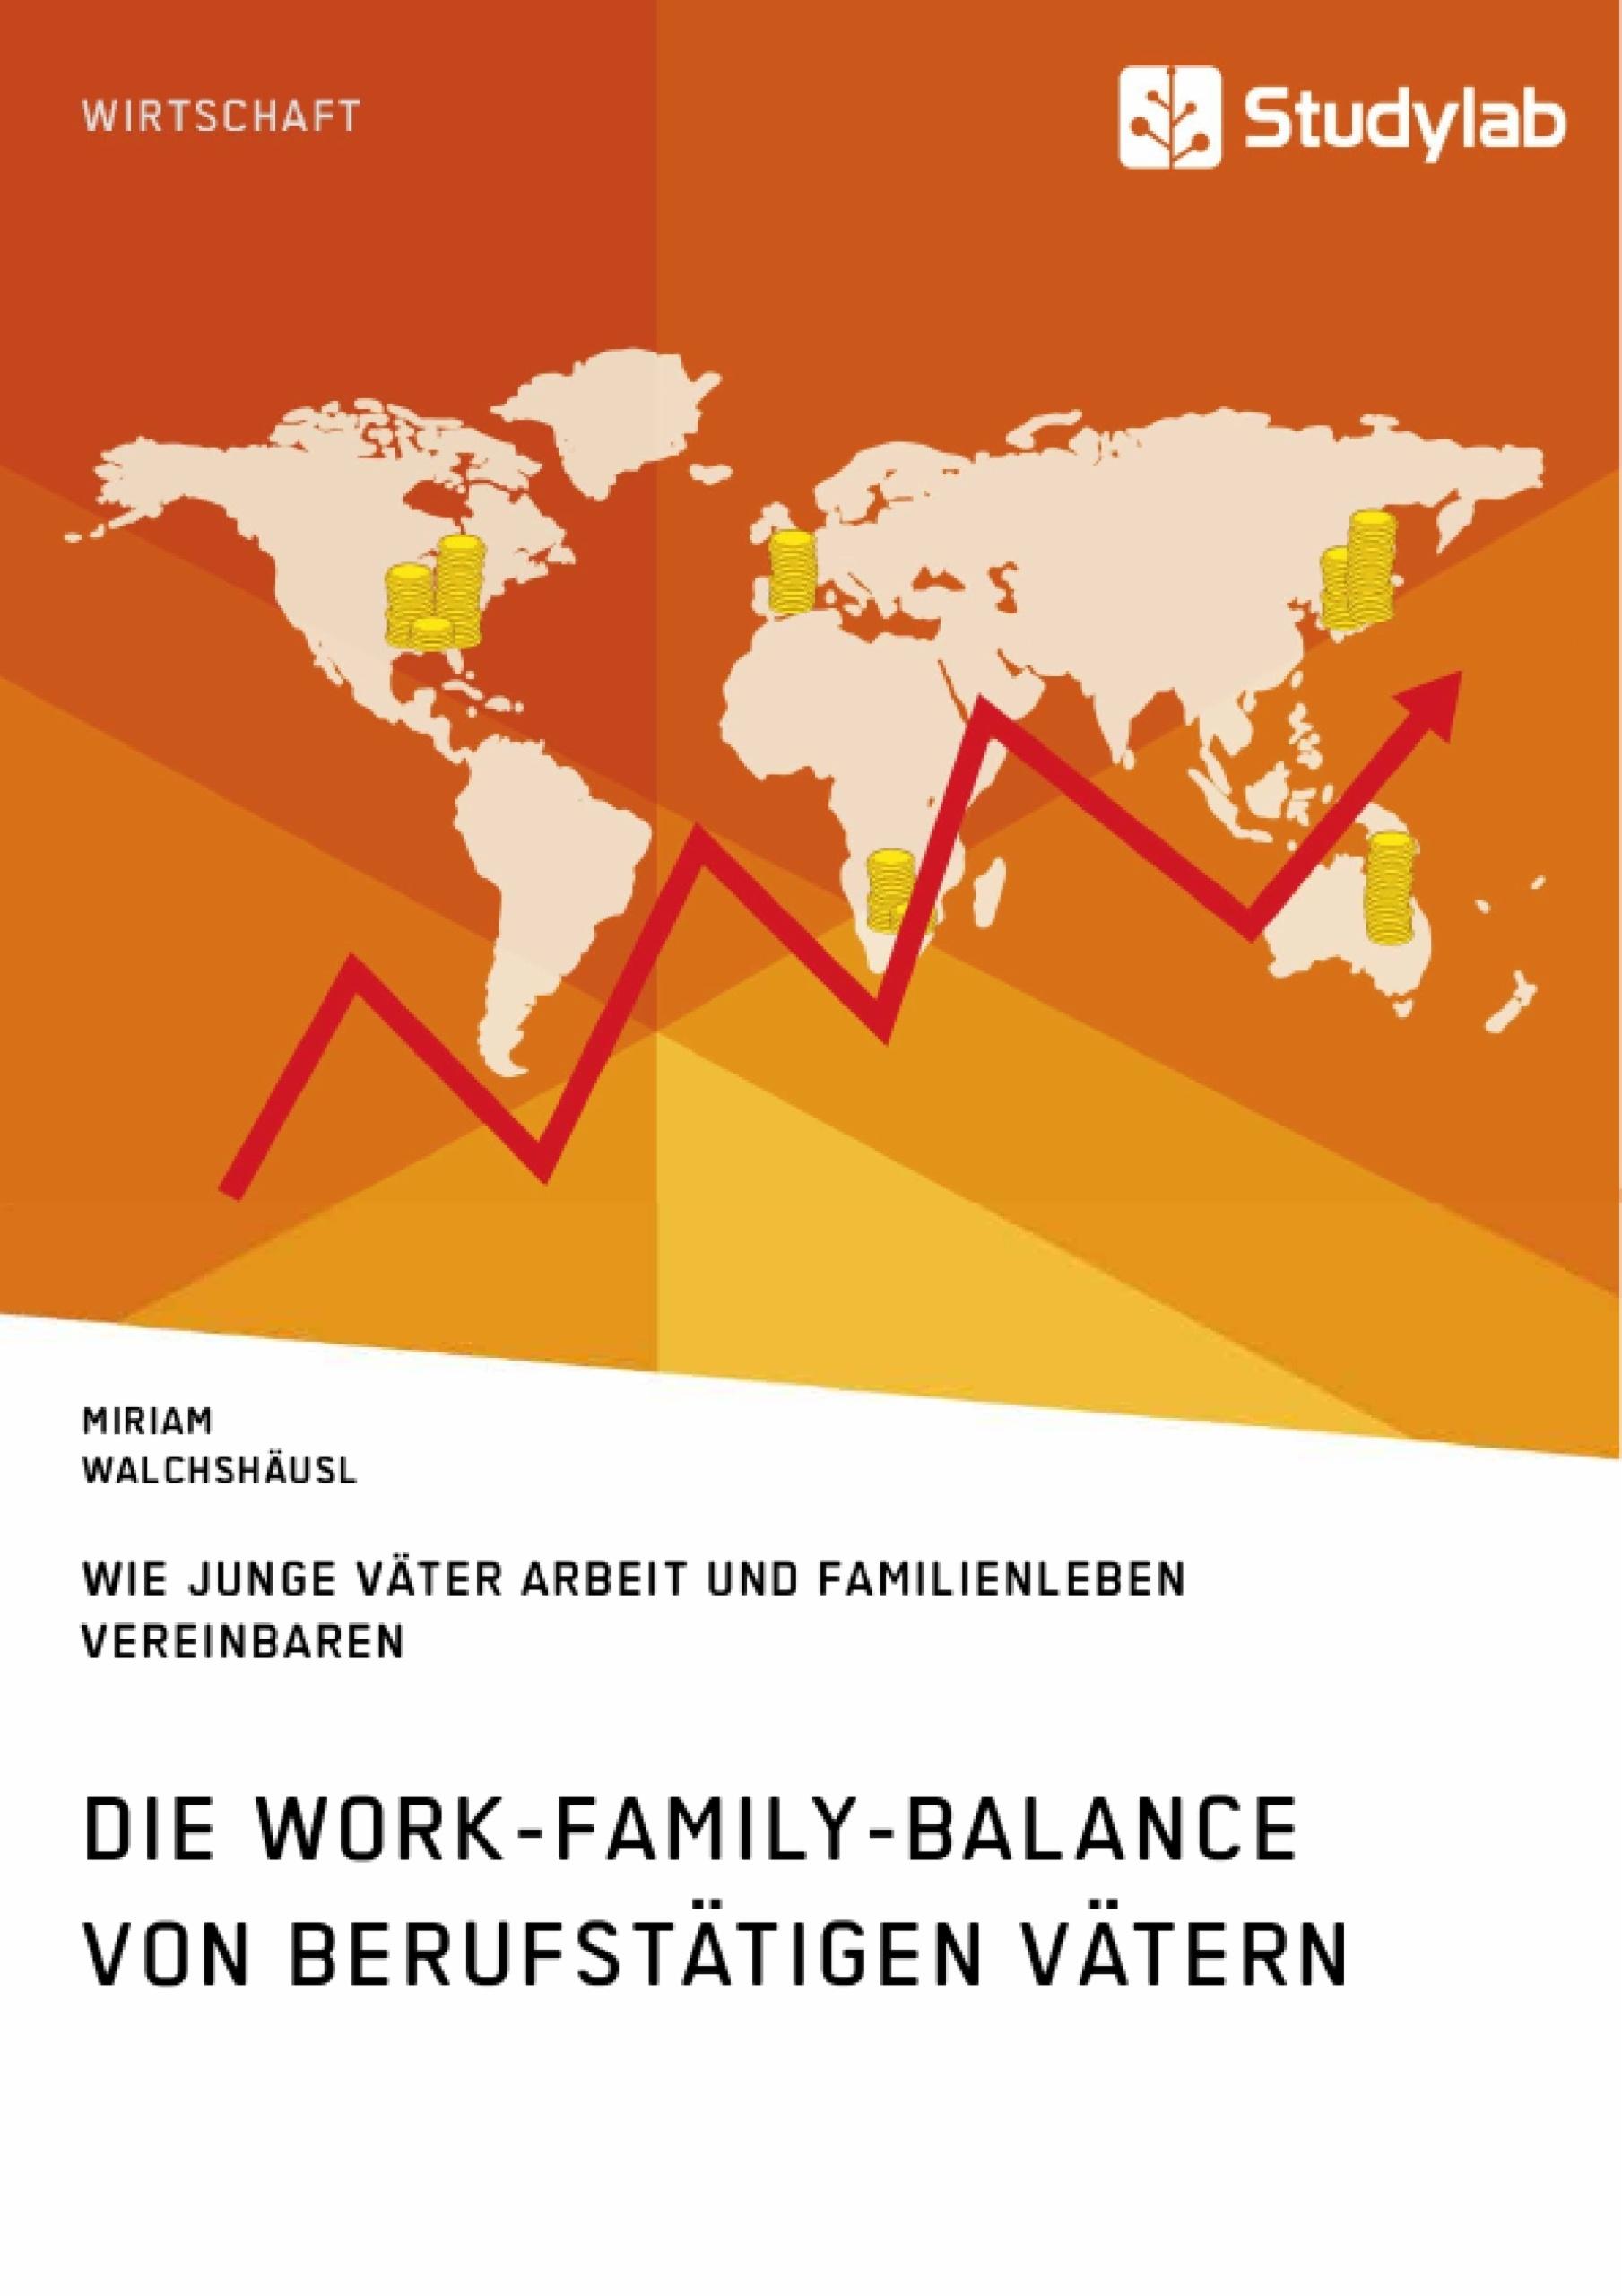 Titel: Die Work-Family-Balance von berufstätigen Vätern. Wie junge Väter Arbeit und Familienleben vereinbaren